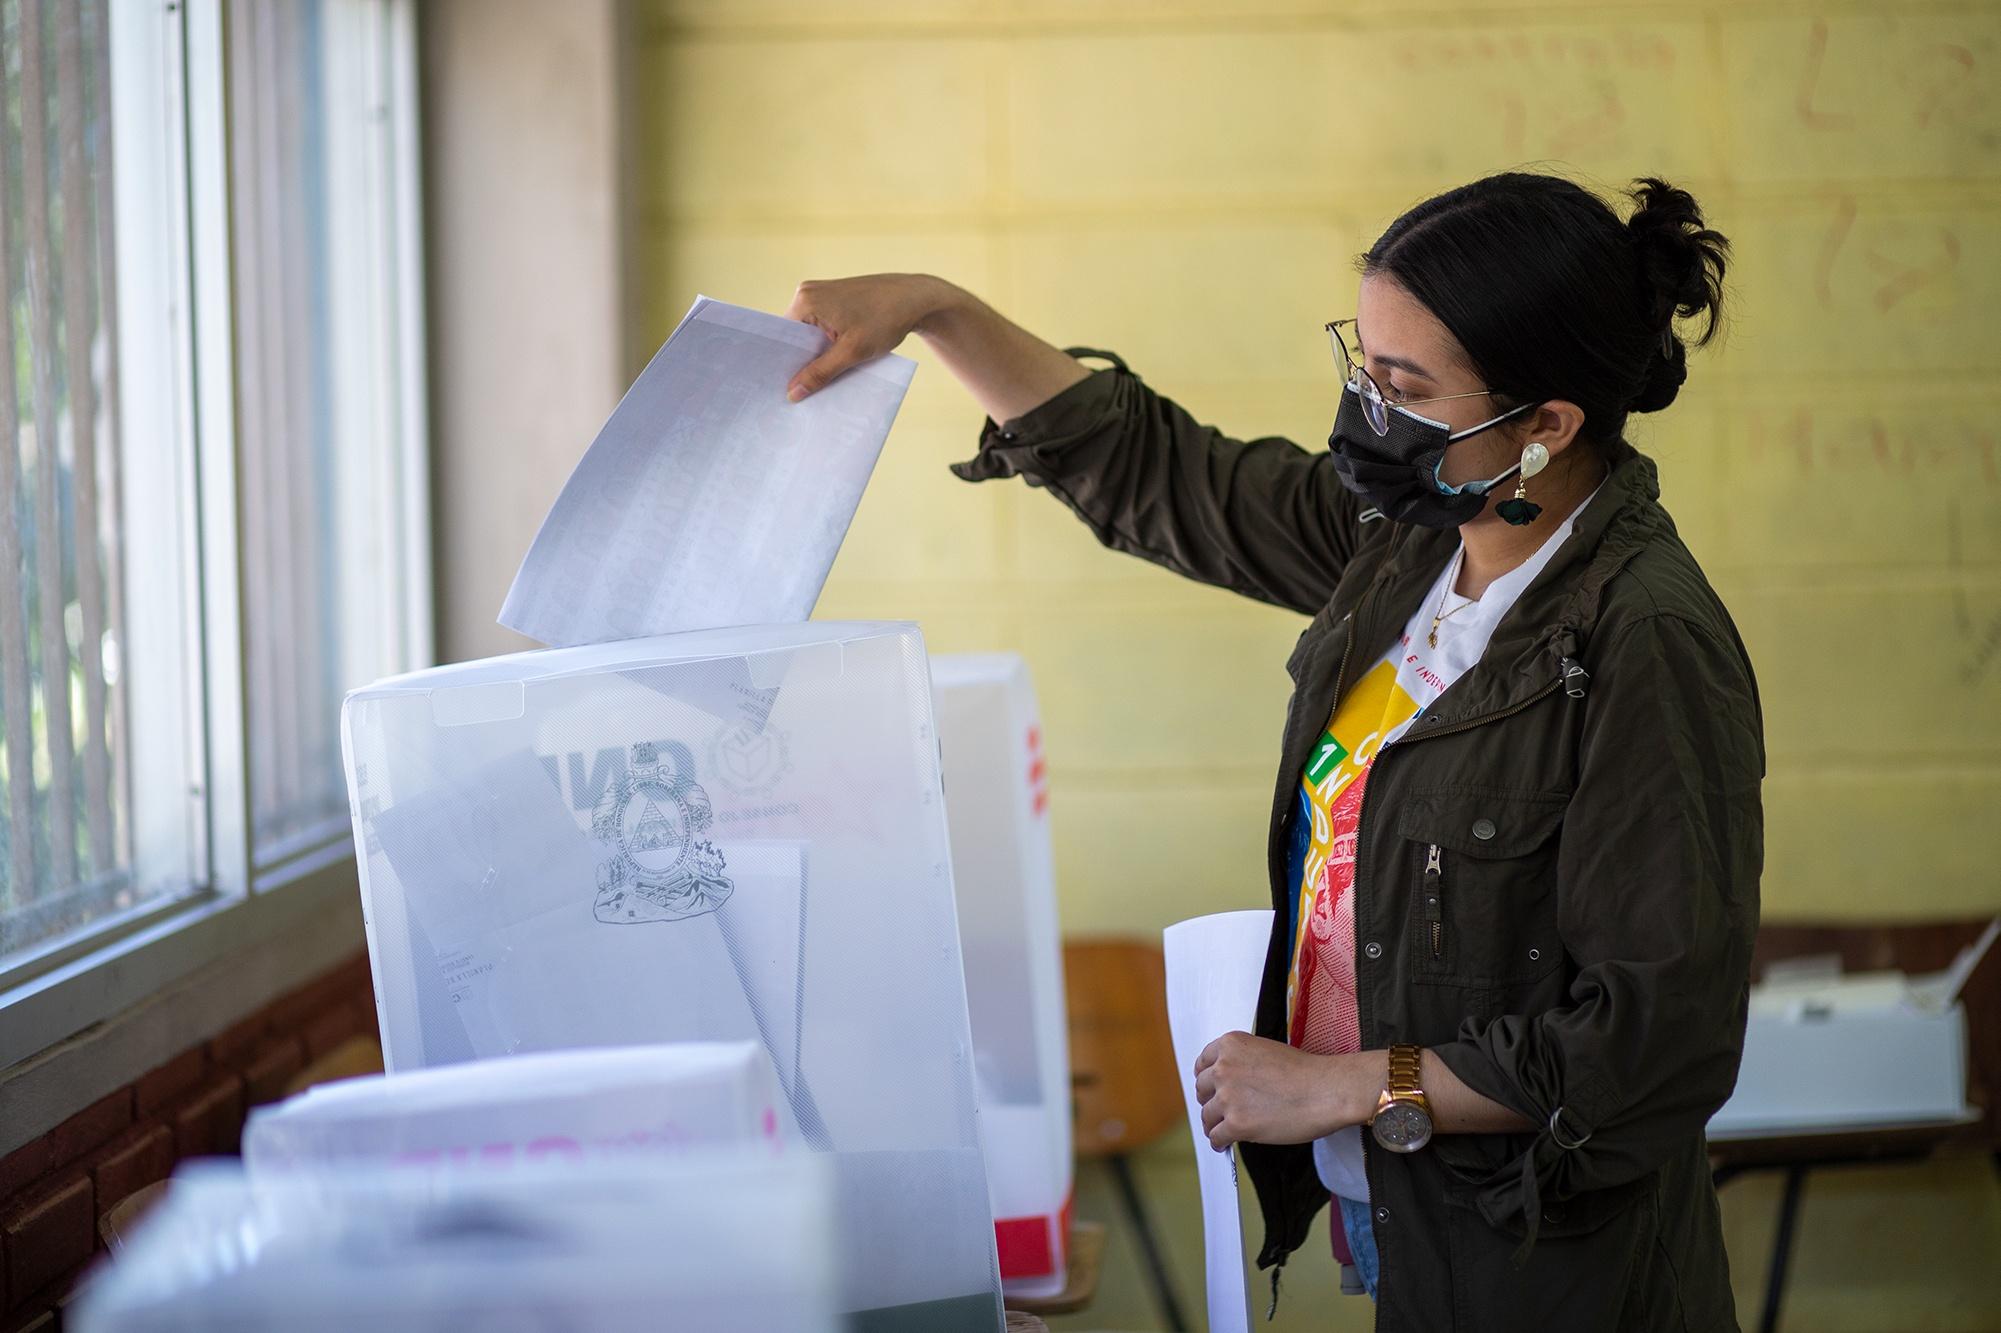 Una joven ejerce el sufragio en una Mesa electoral receptora (MER) en el centro de votación asignado en la Universidad Nacional Autónoma de Honduras. Tegucigalpa, 14 de marzo de 2021. Foto: Martín Cálix.